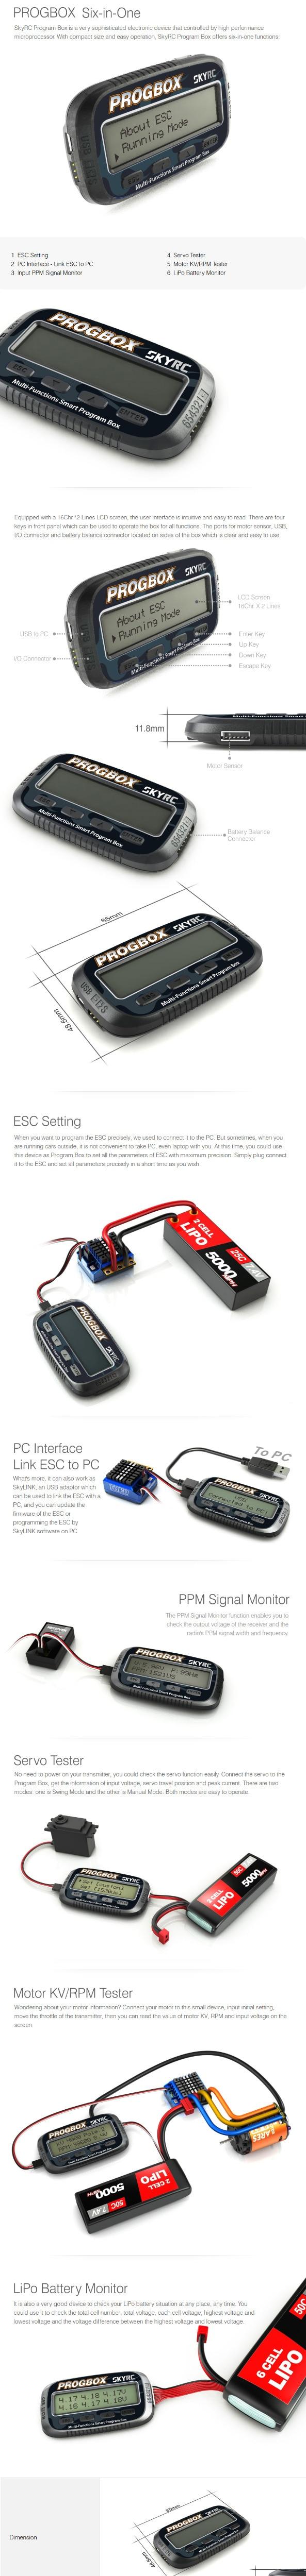 SKYRC PROGBOX ESC обратная Настройка Серводвигатель тестер двигателя KV/RPM тестер программа коробка вход PPM сигнал монитор Lipo батарея монитор